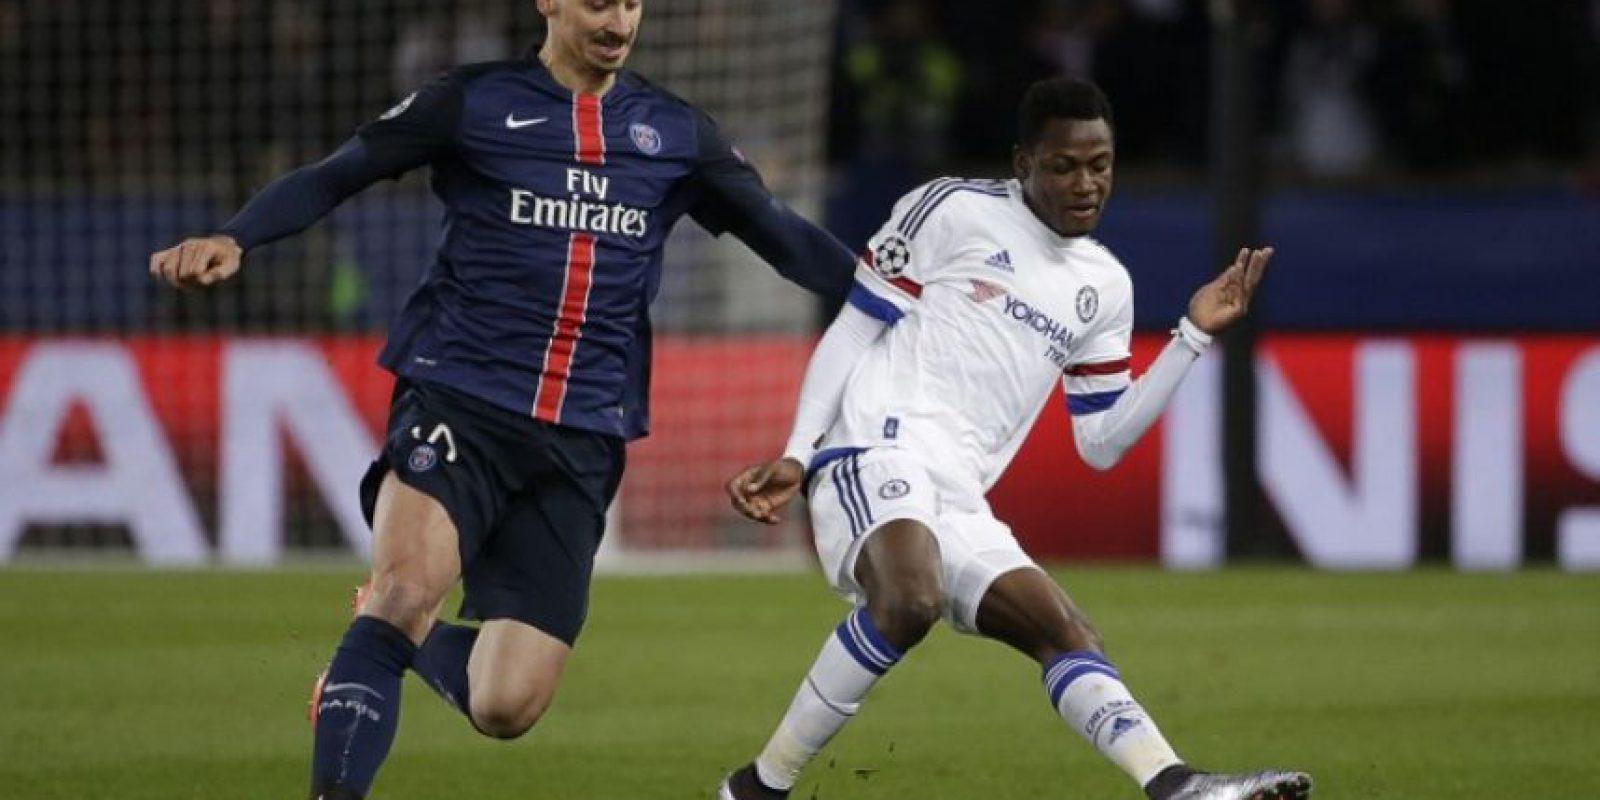 Jugadores del PSG y el Chelsea disputan un balón en un partido de Champions League. Foto:AFP